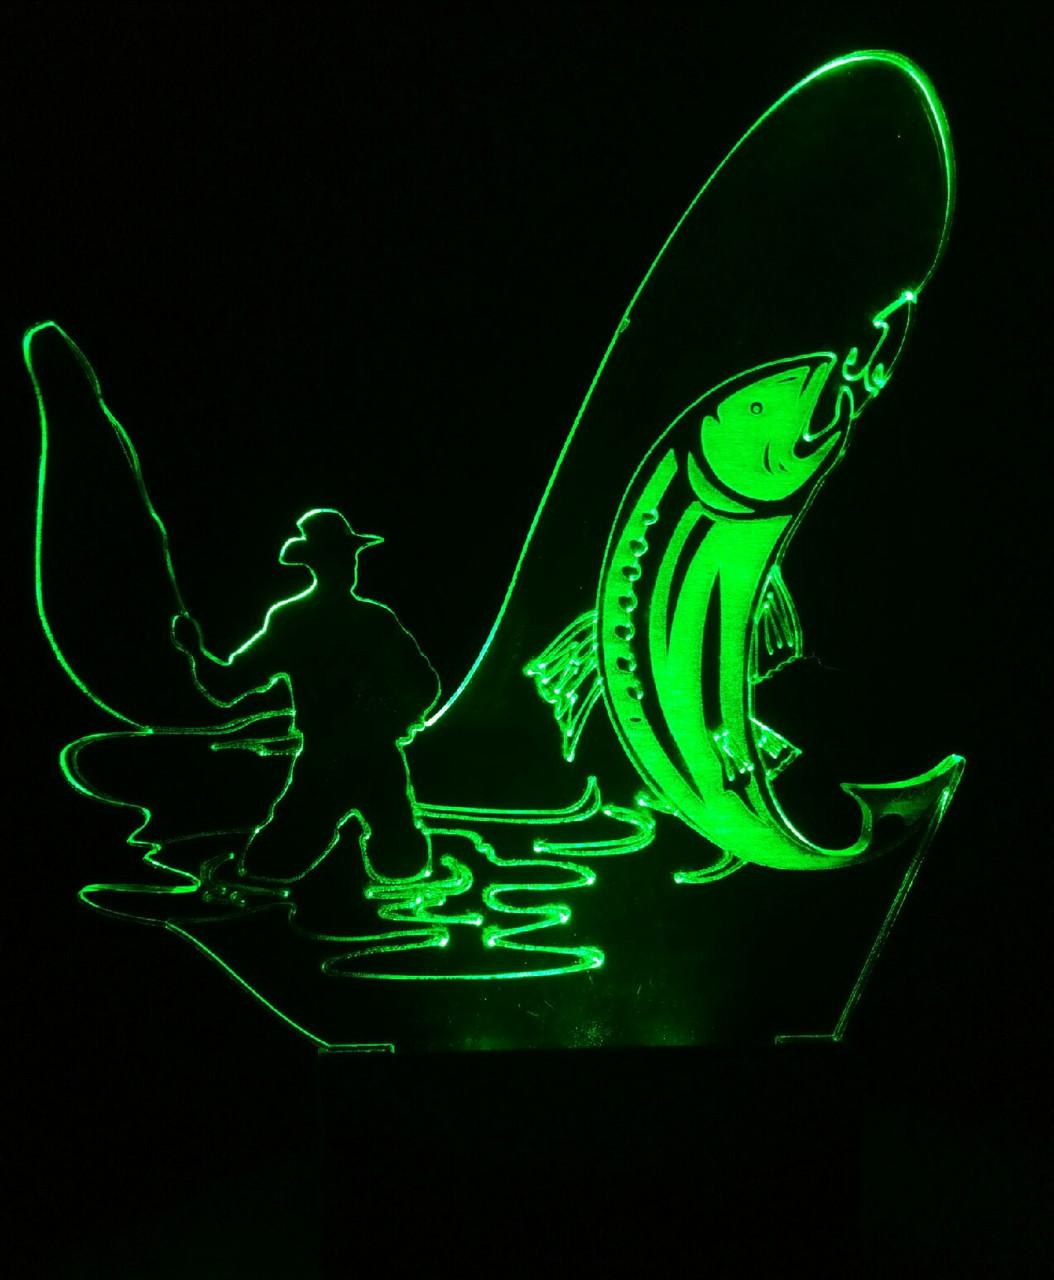 3d-світильник Рибак, 3д-нічник, кілька підсвічувань (на пульті)